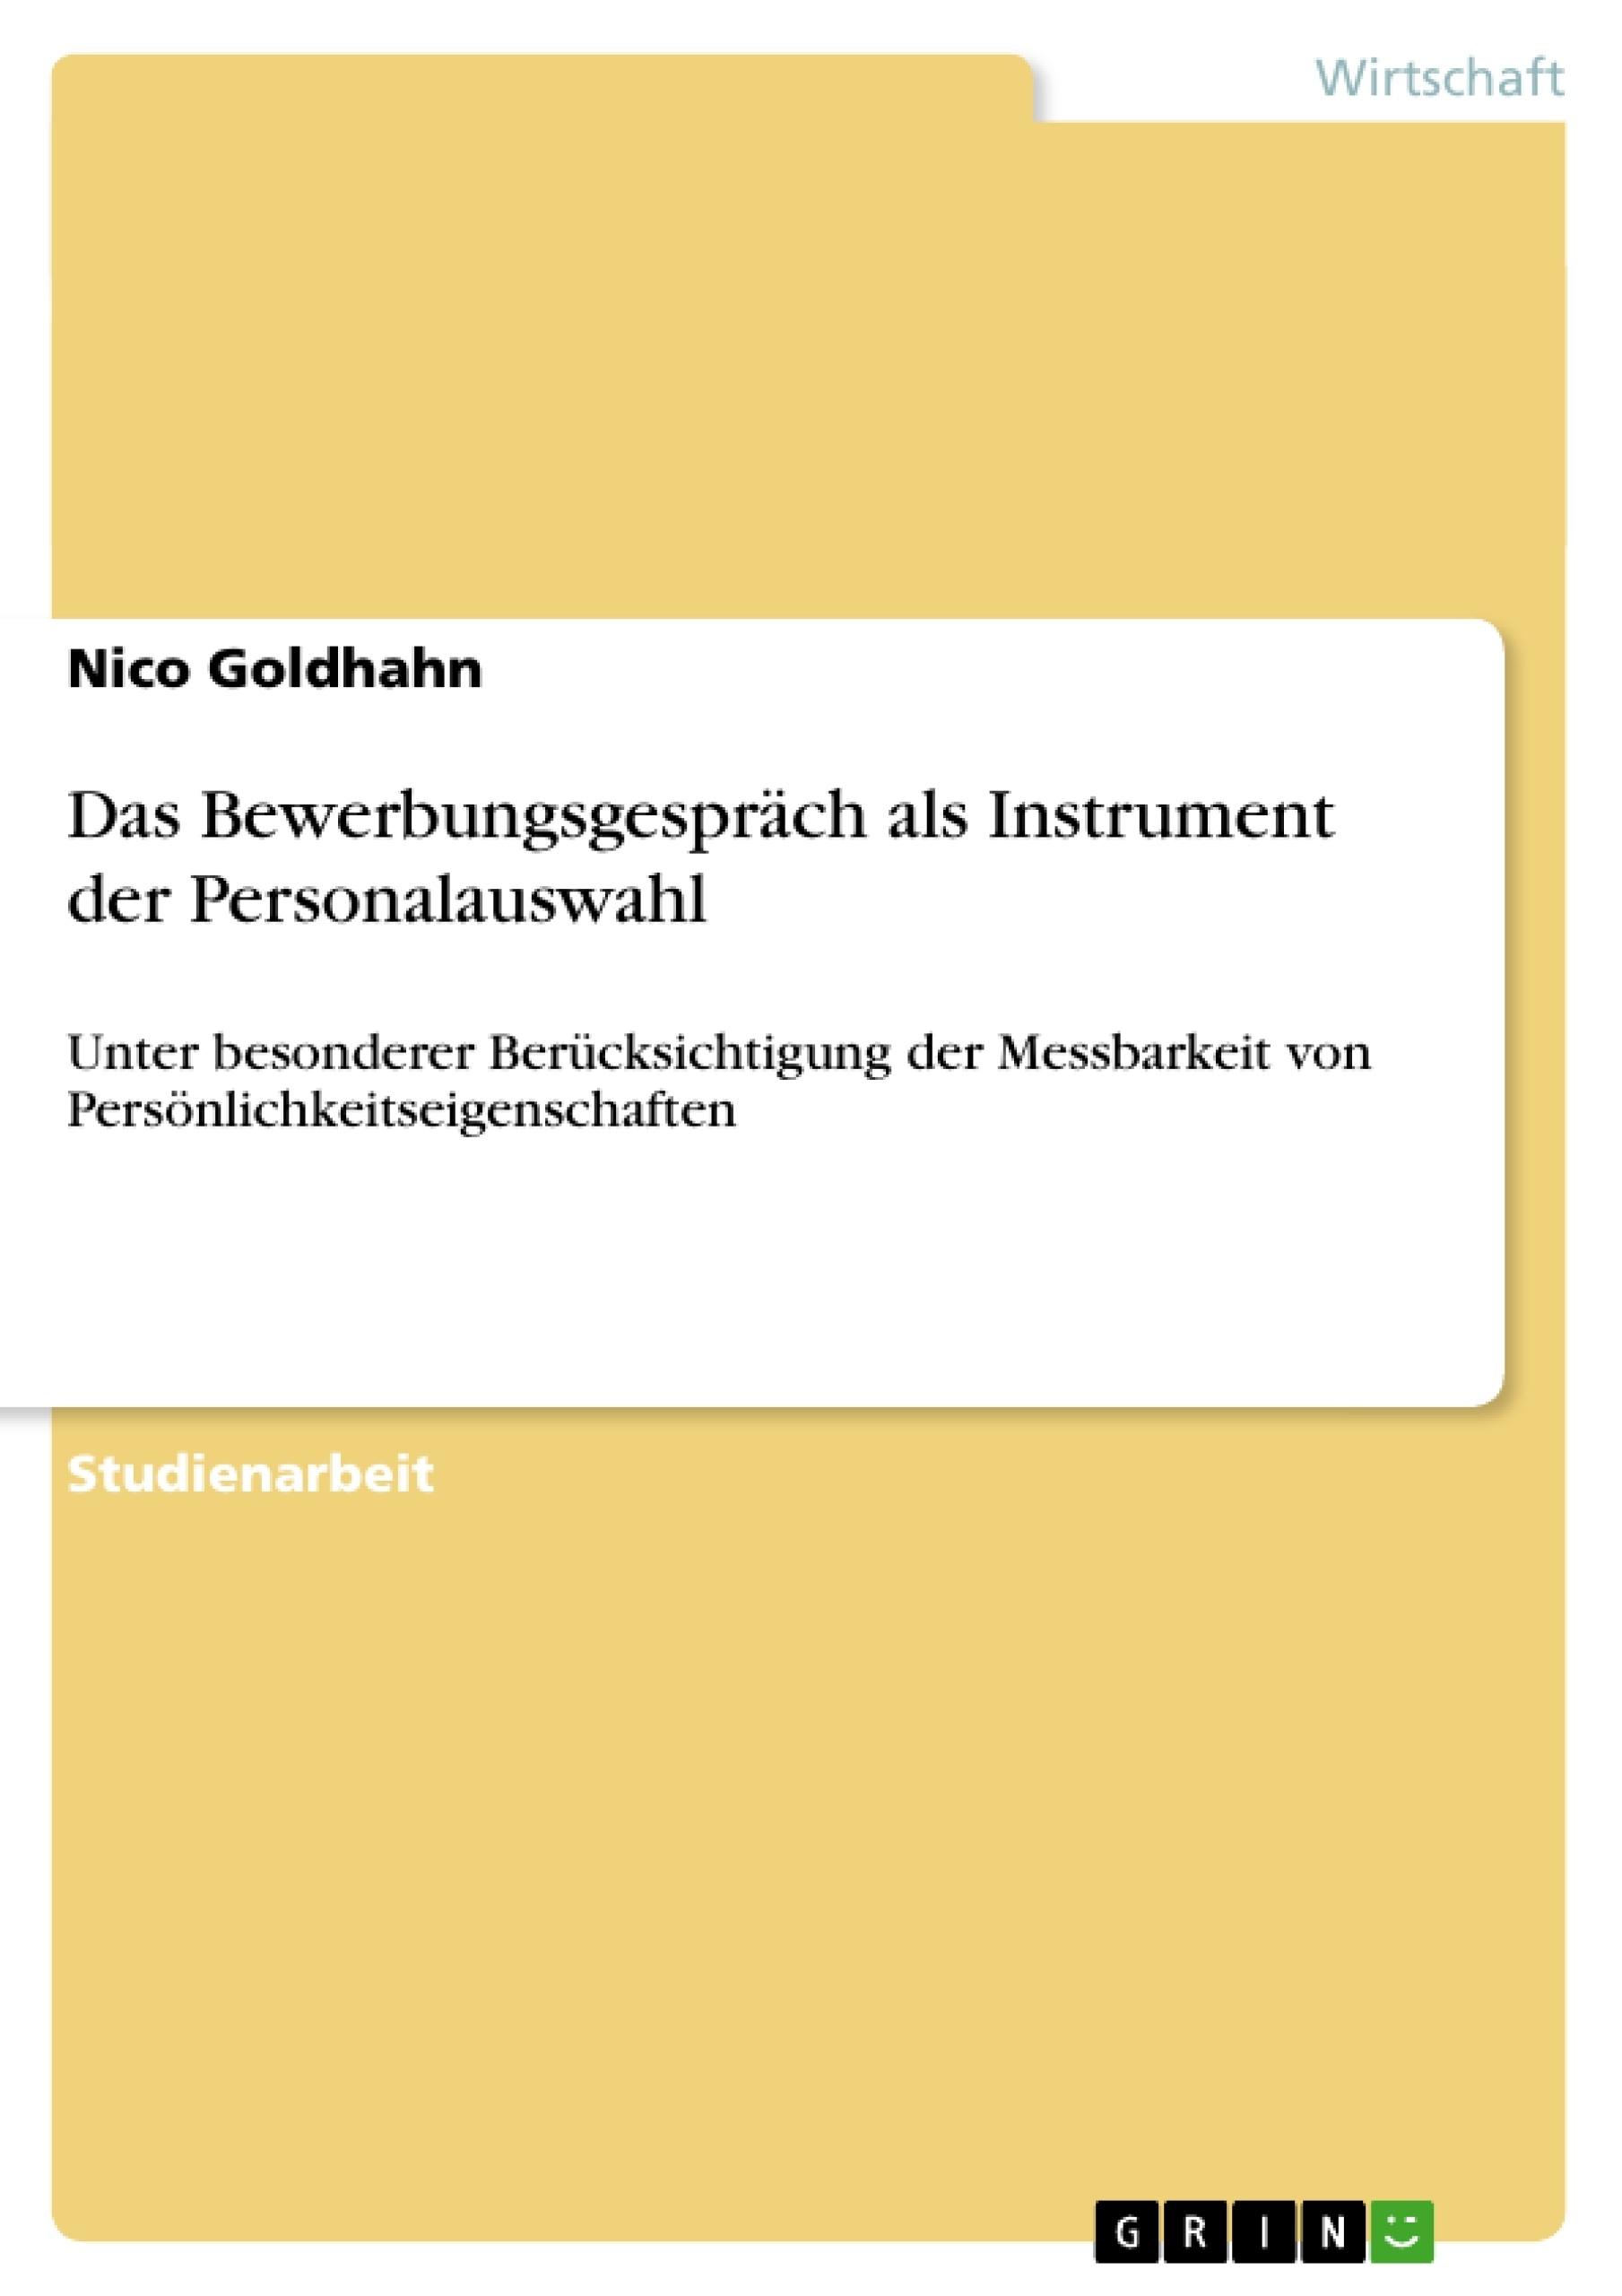 Titel: Das Bewerbungsgespräch als Instrument der Personalauswahl